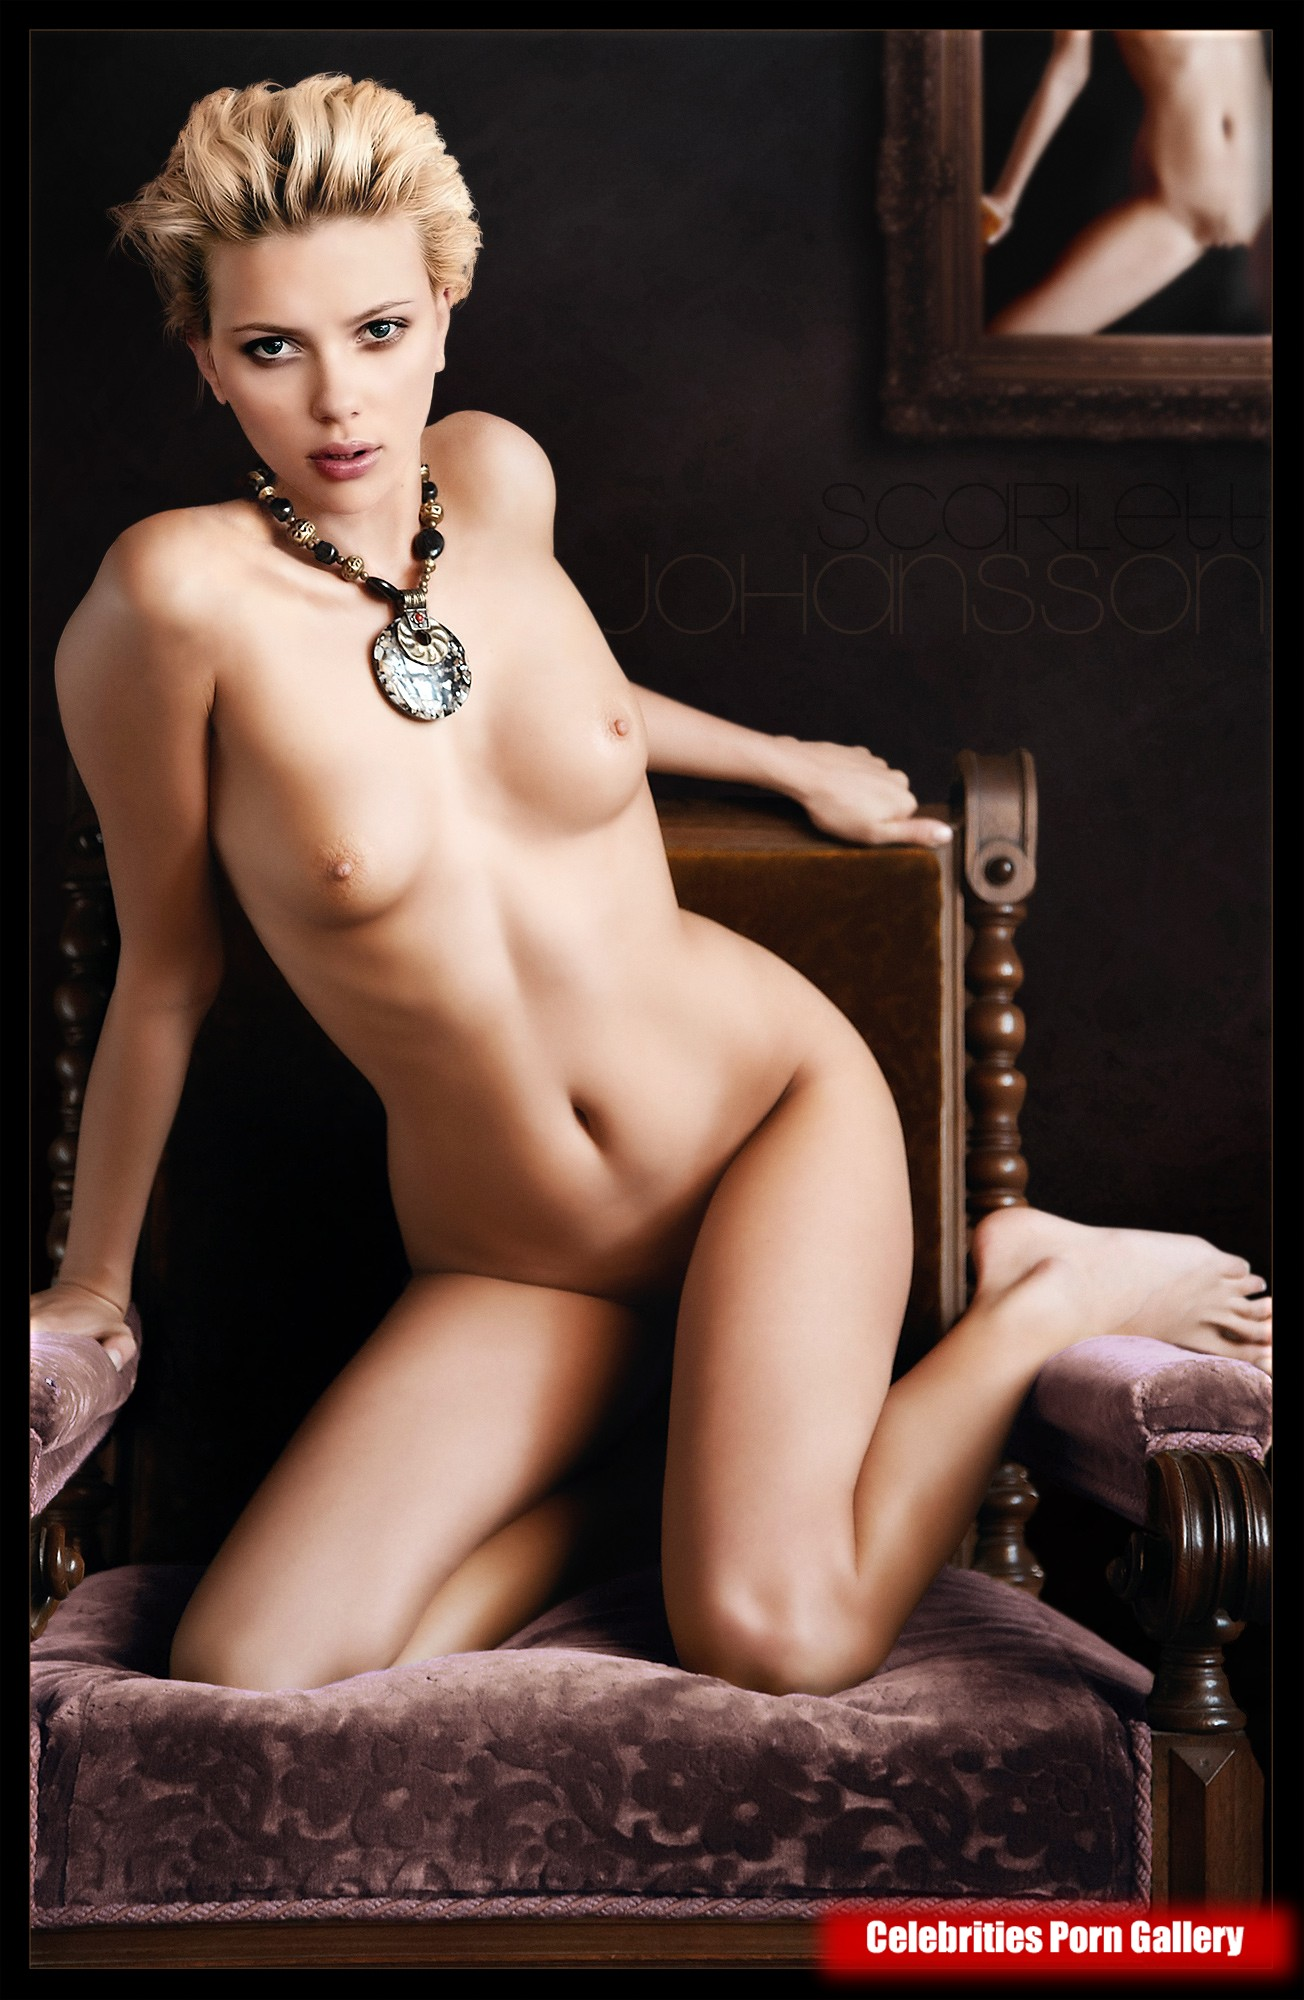 фото эротические интимные скарлетт йохансон